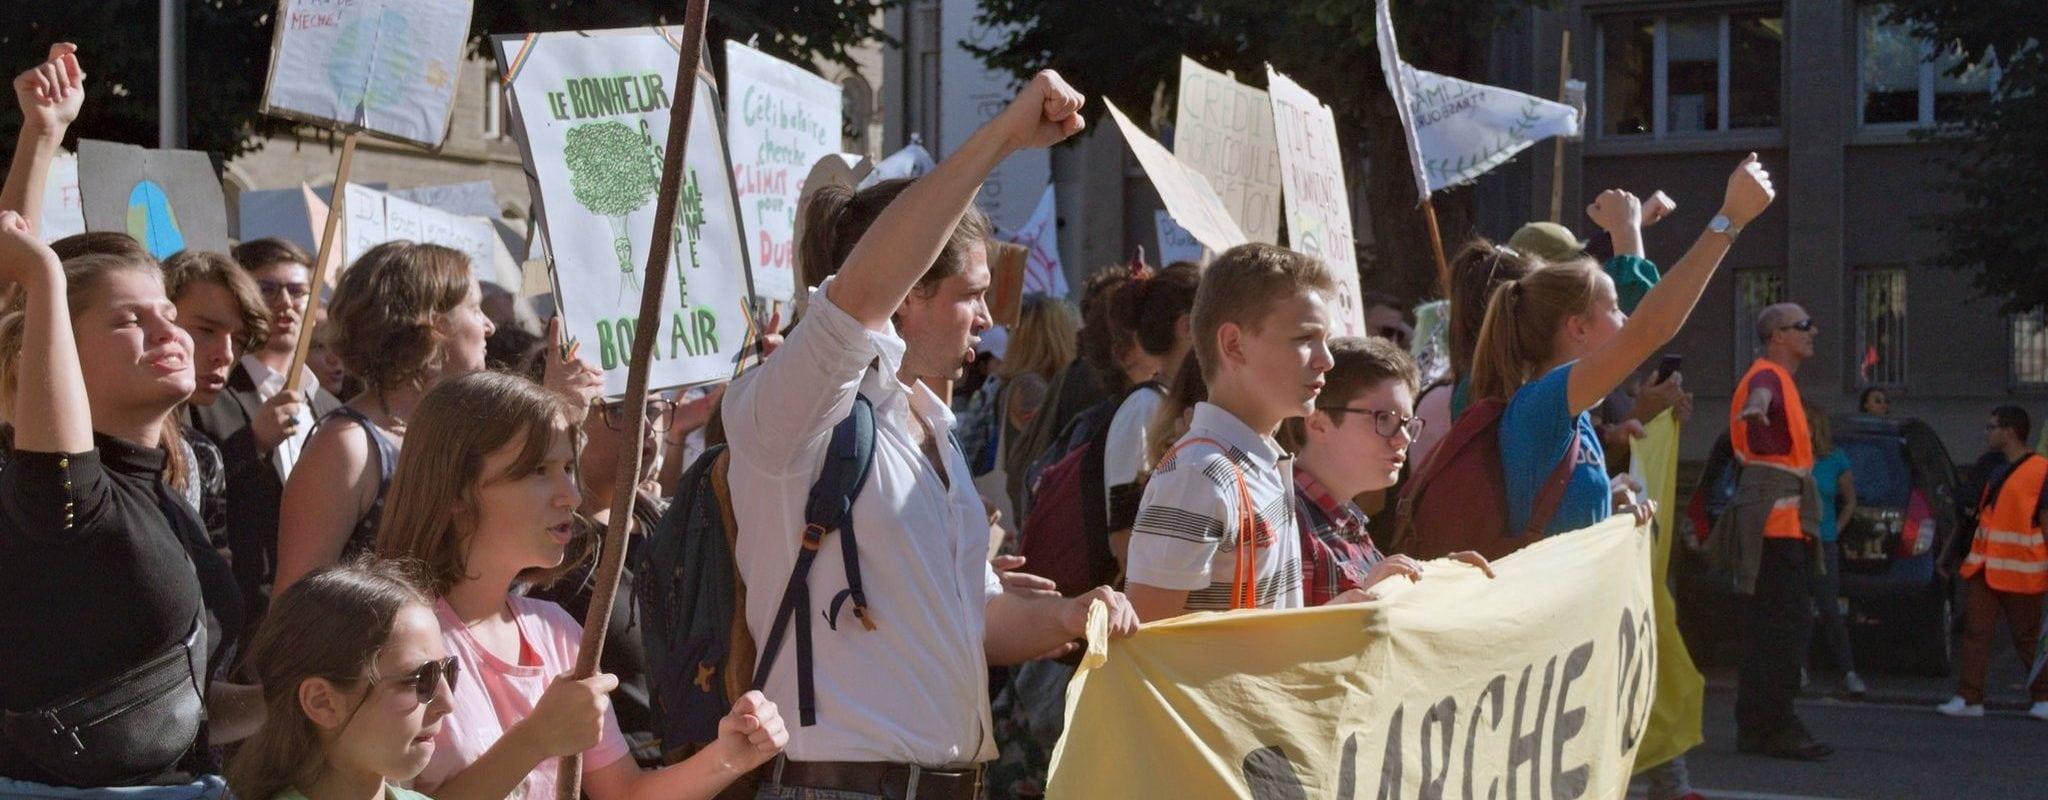 Les marches, concerts, et ateliers «pour le Climat» de samedi sont annulés